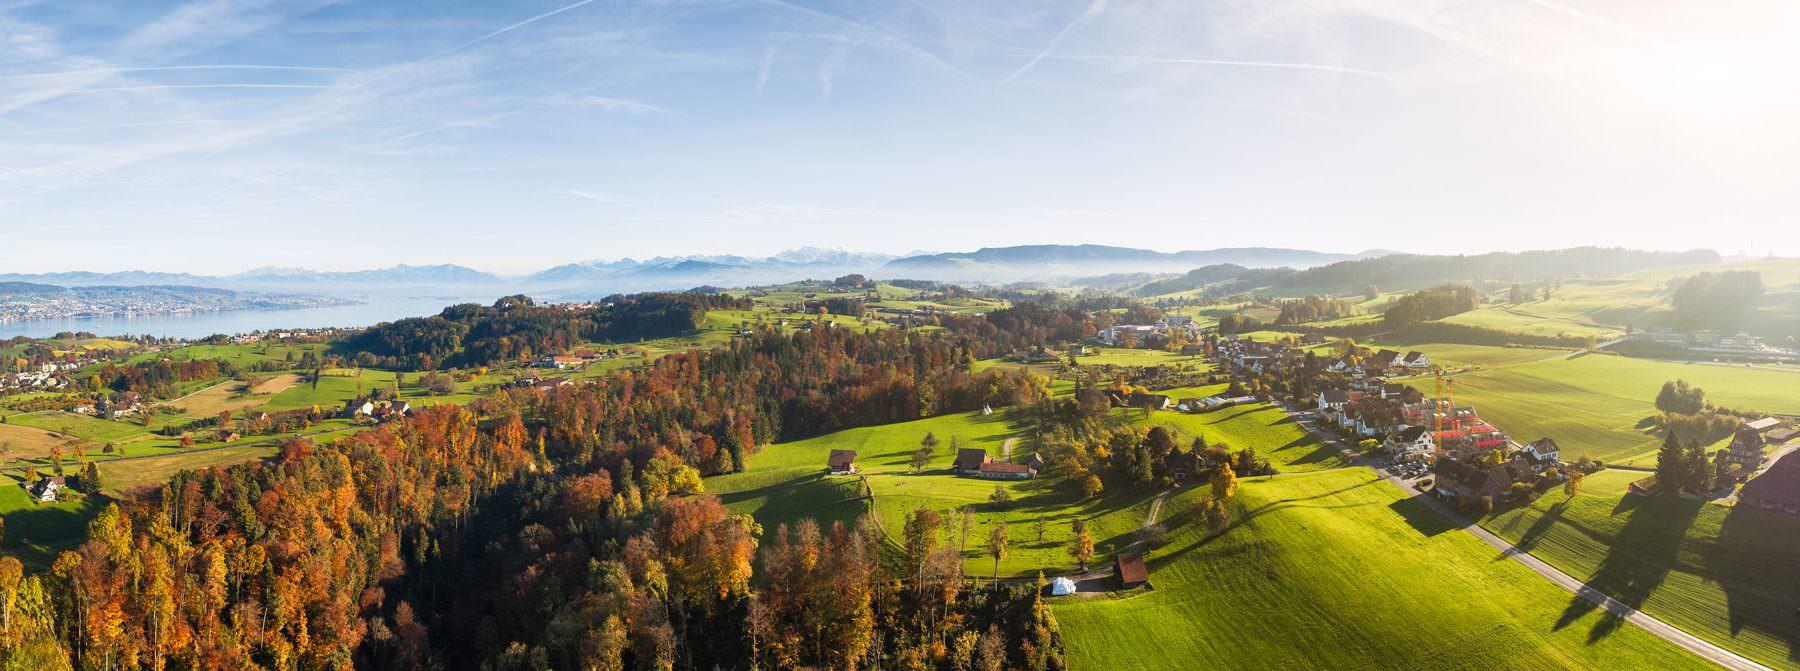 Luftaufnahme für das Bauprojekt - Arn Horgen, Lufaufnahmen Richtung Schwyz